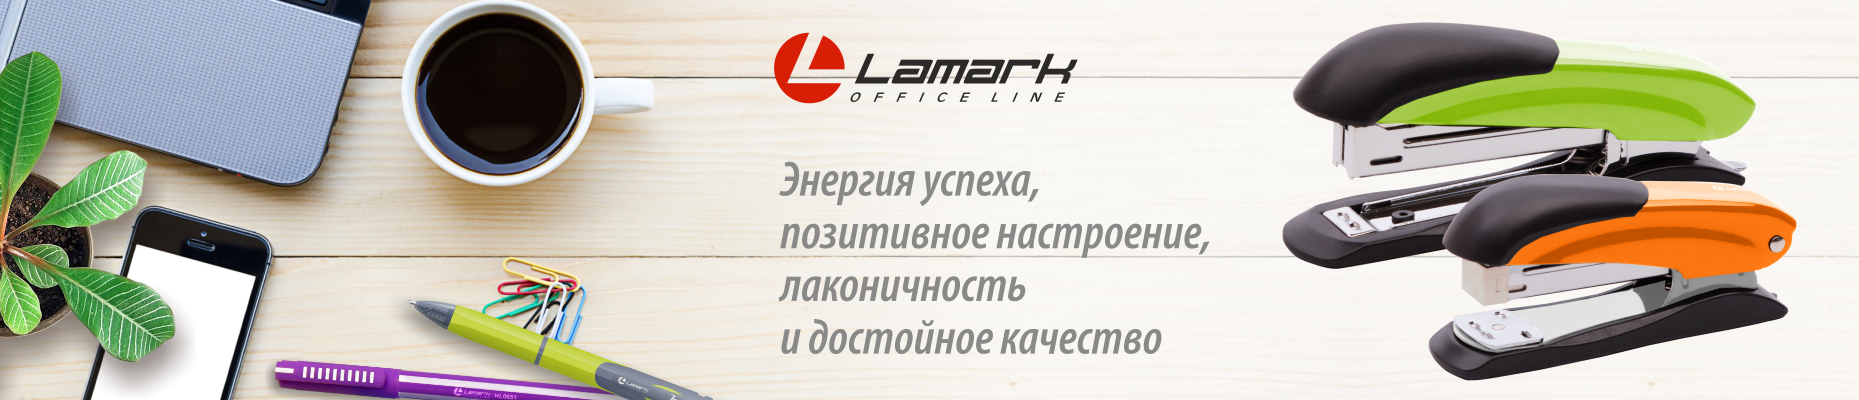 Lamark - всегда в ногу со временем!